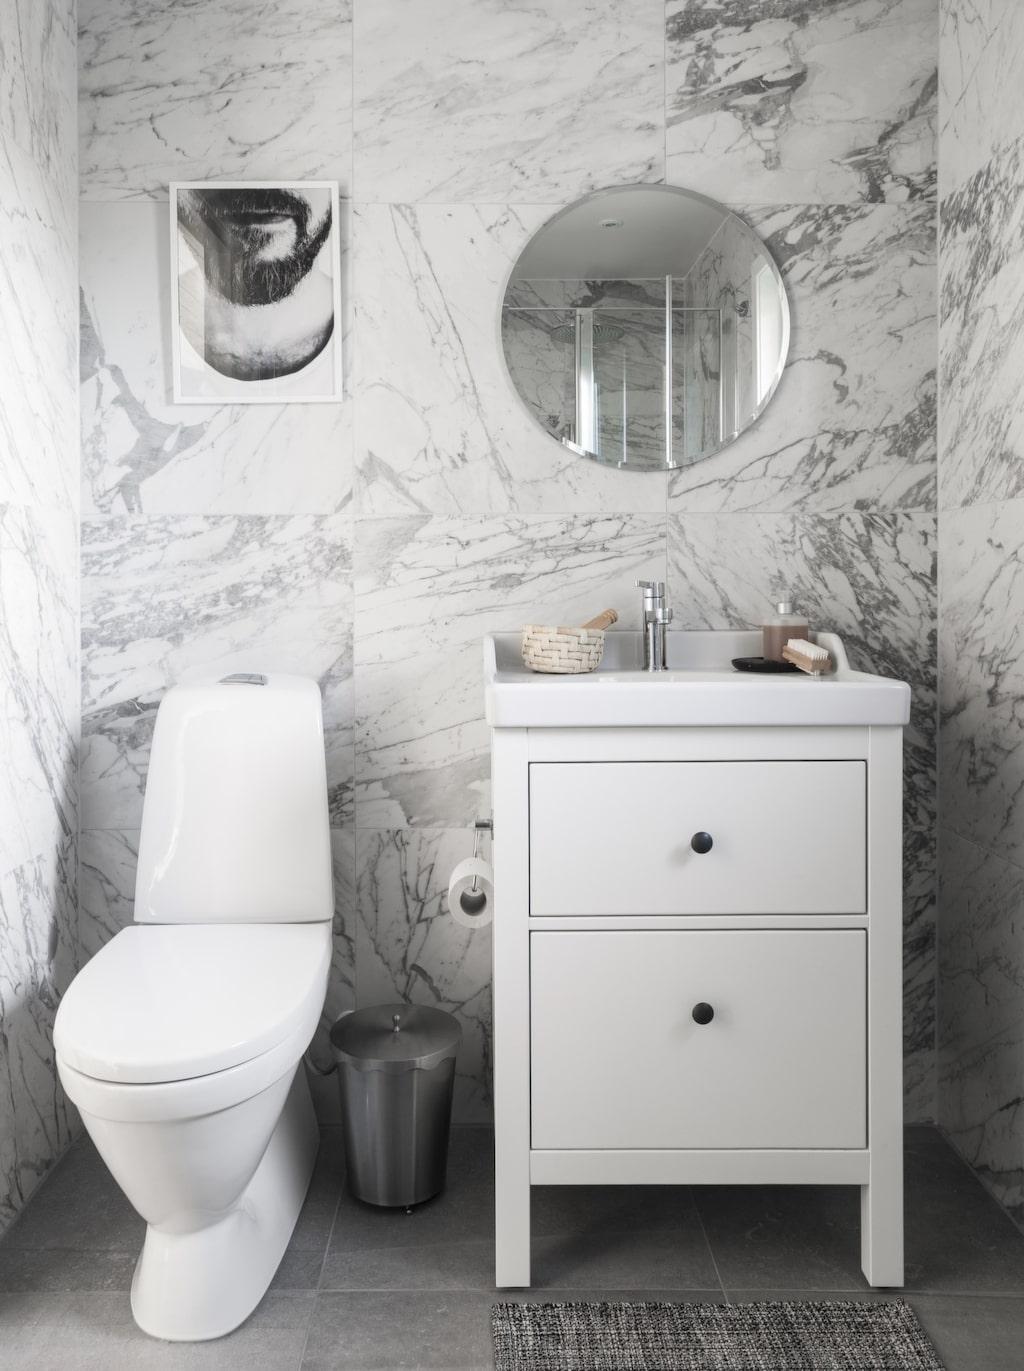 Gästbadrummet är ny-renoverat. Med marmor-kakel och stenkeramik på golvet, i grått så klart.